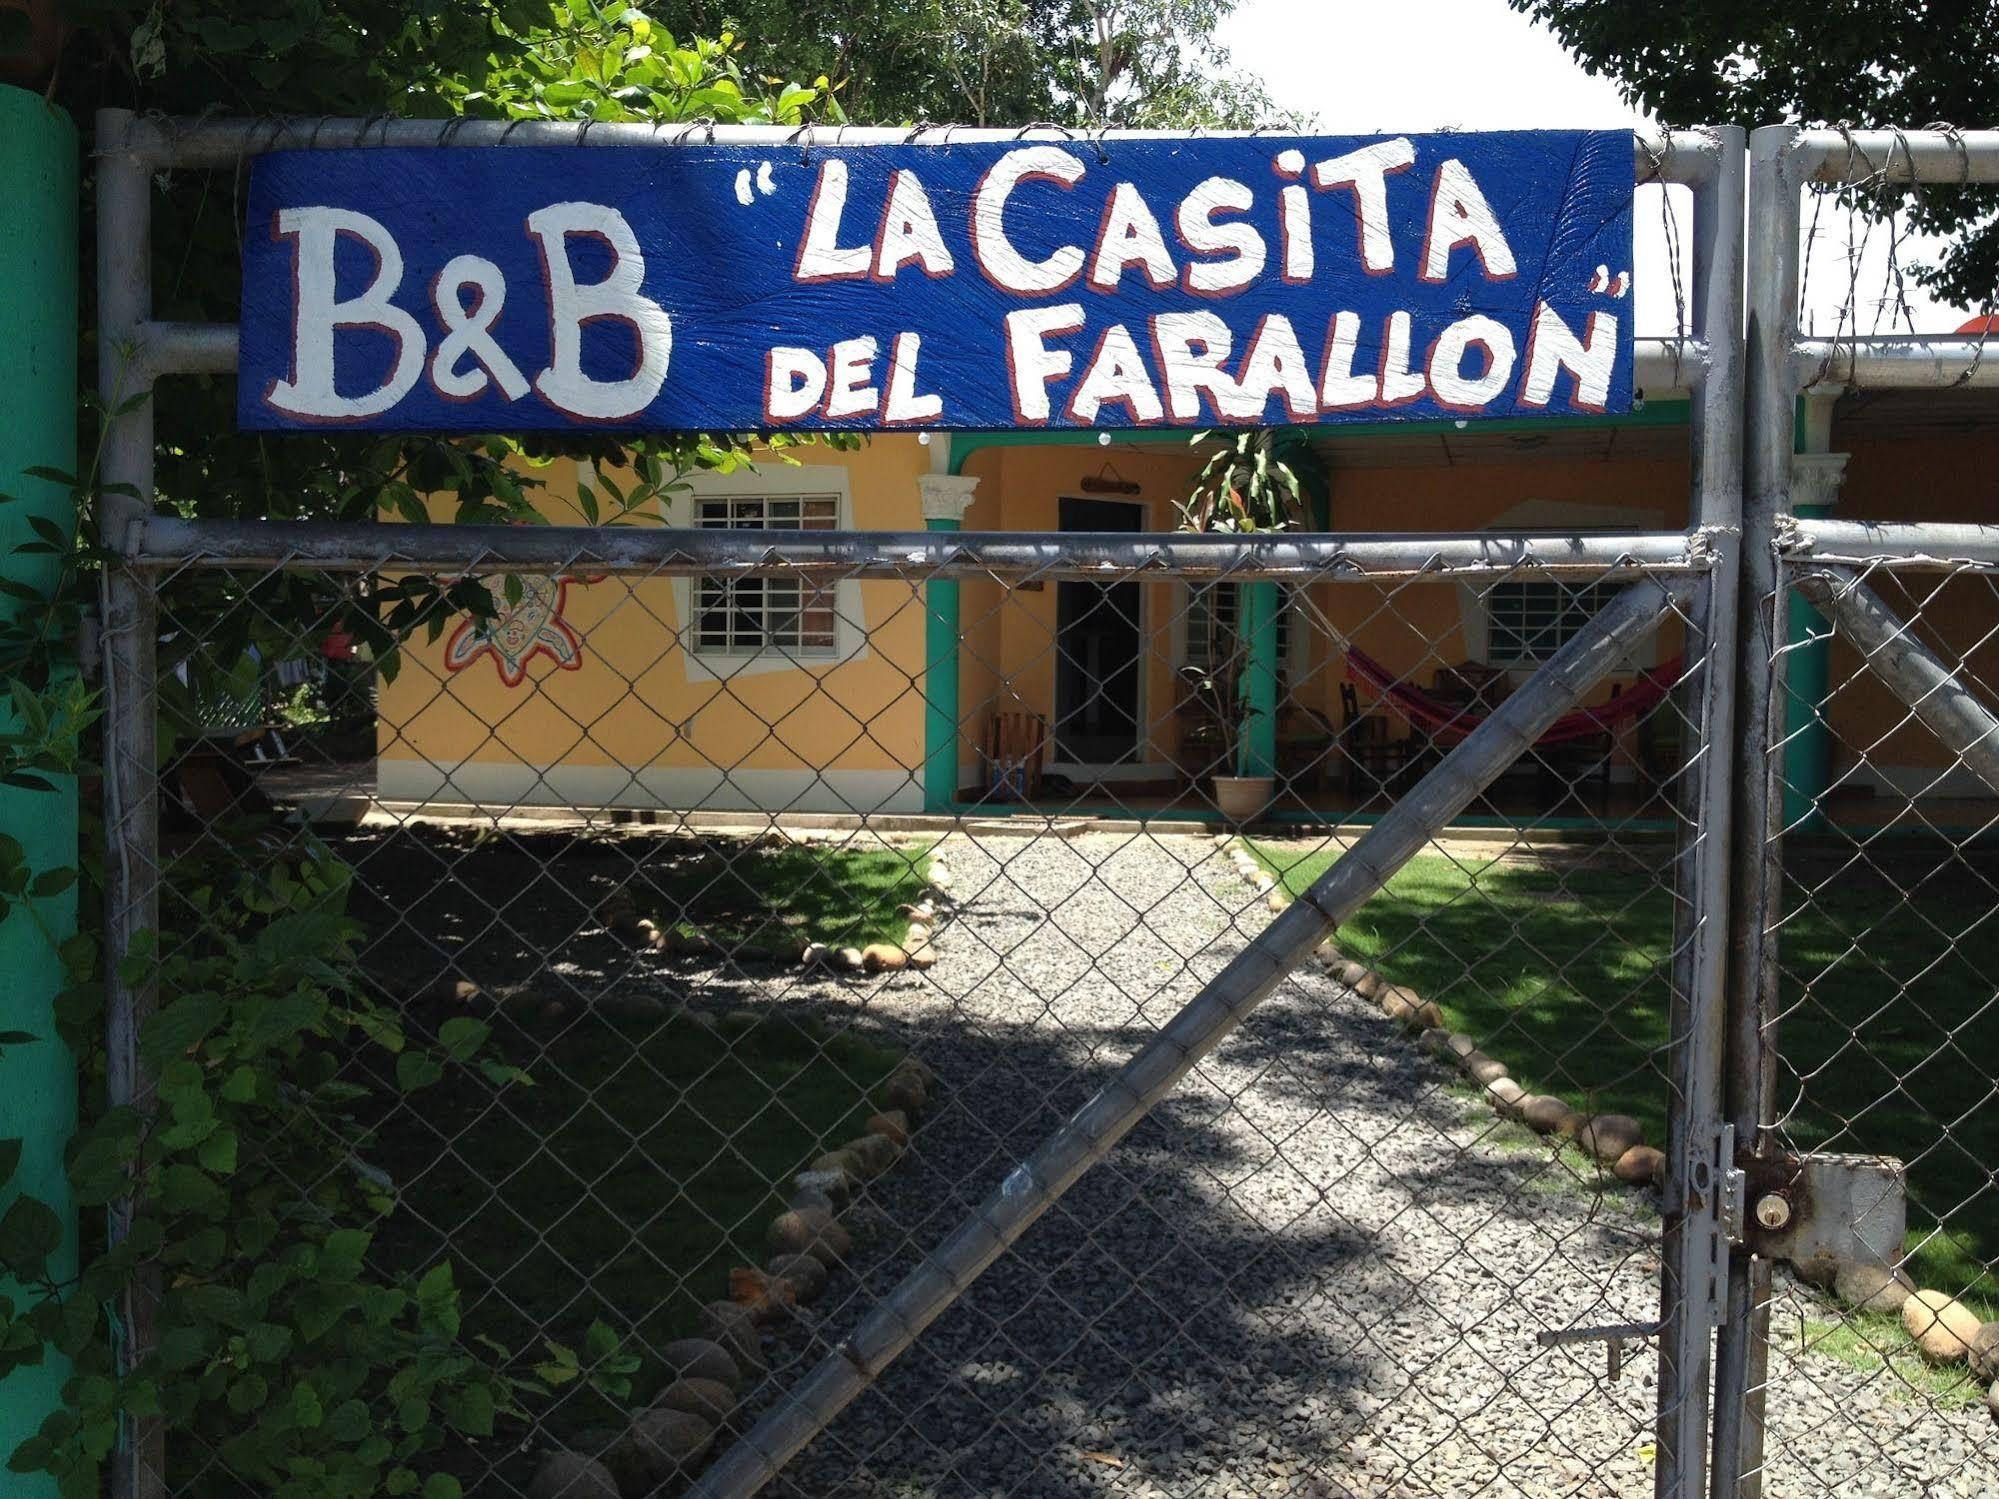 B and B La Casita del Farallon